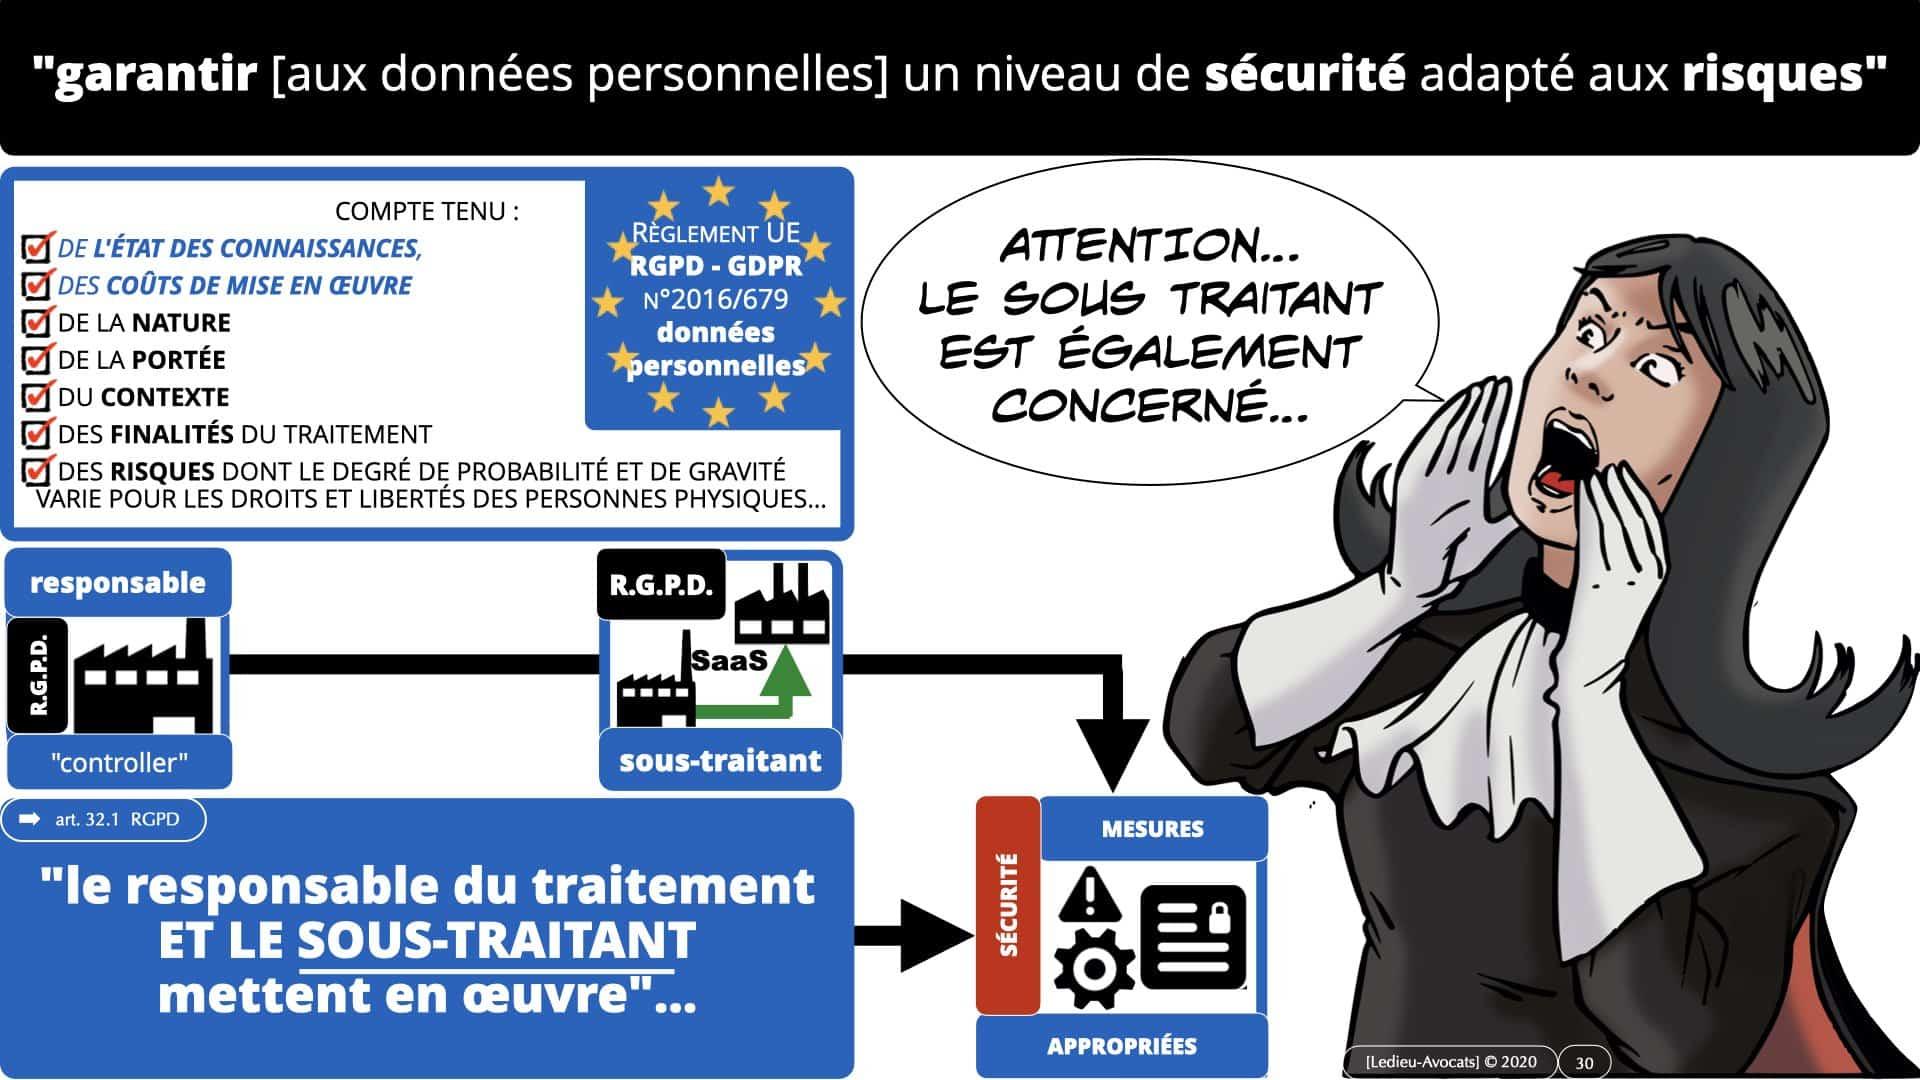 314 PRO BTP © Ledieu-avocat 03-12-2020.030